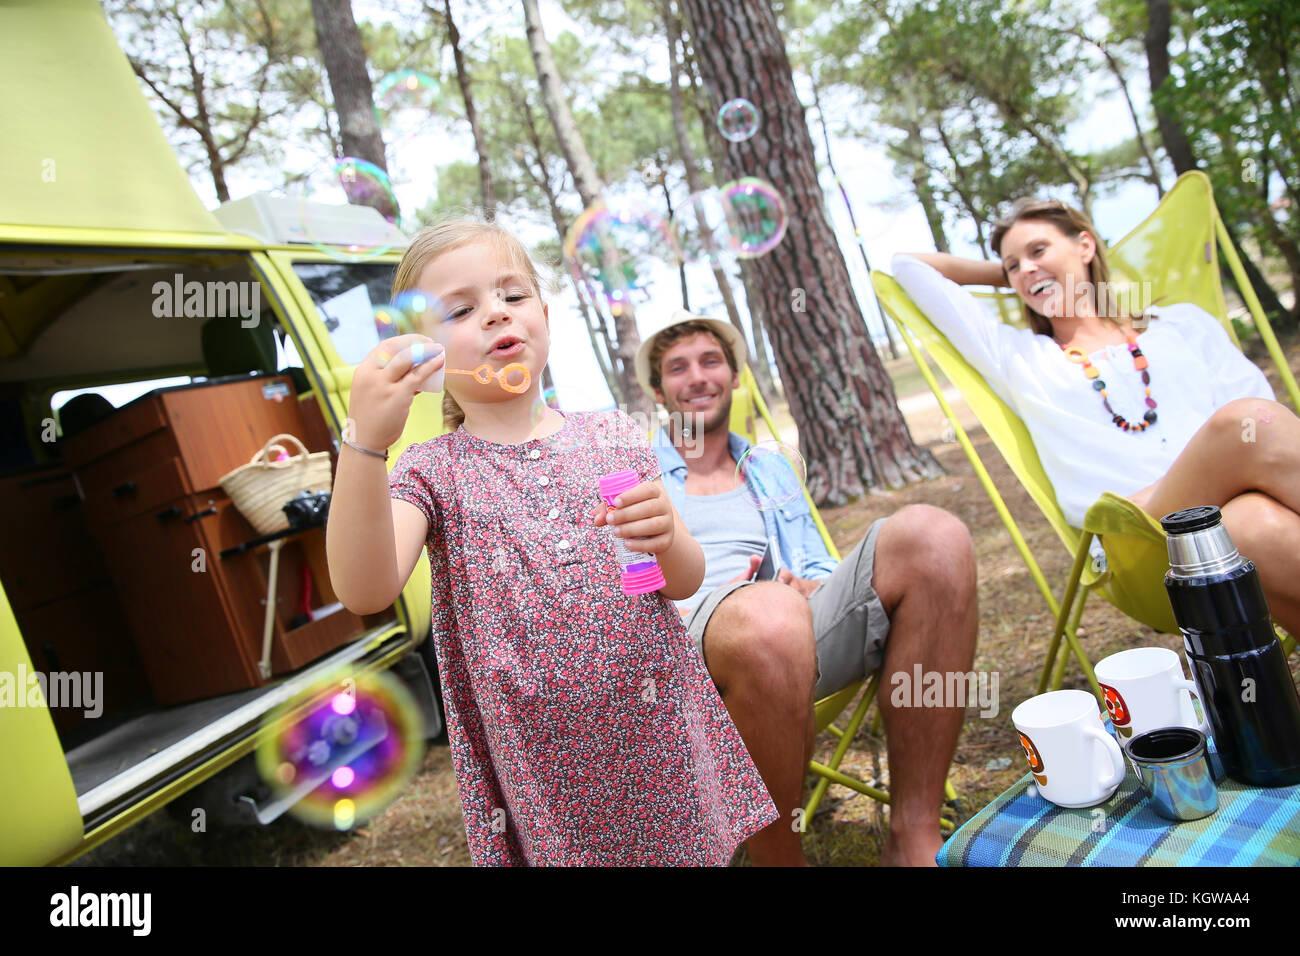 Niña soplando burbujas de jabón, los padres en segundo plano. Imagen De Stock